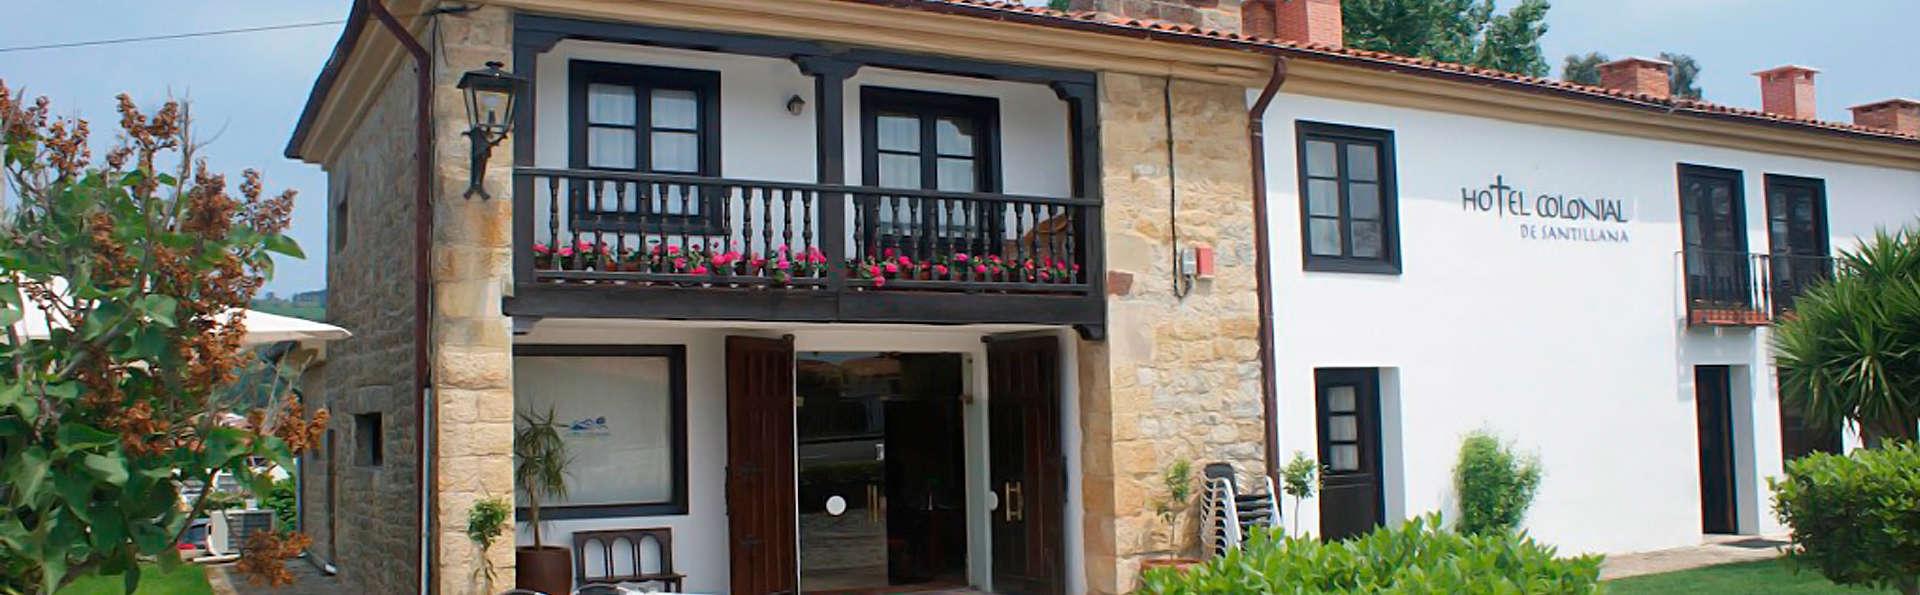 Hotel Colonial de Santillana - edit_front2.jpg